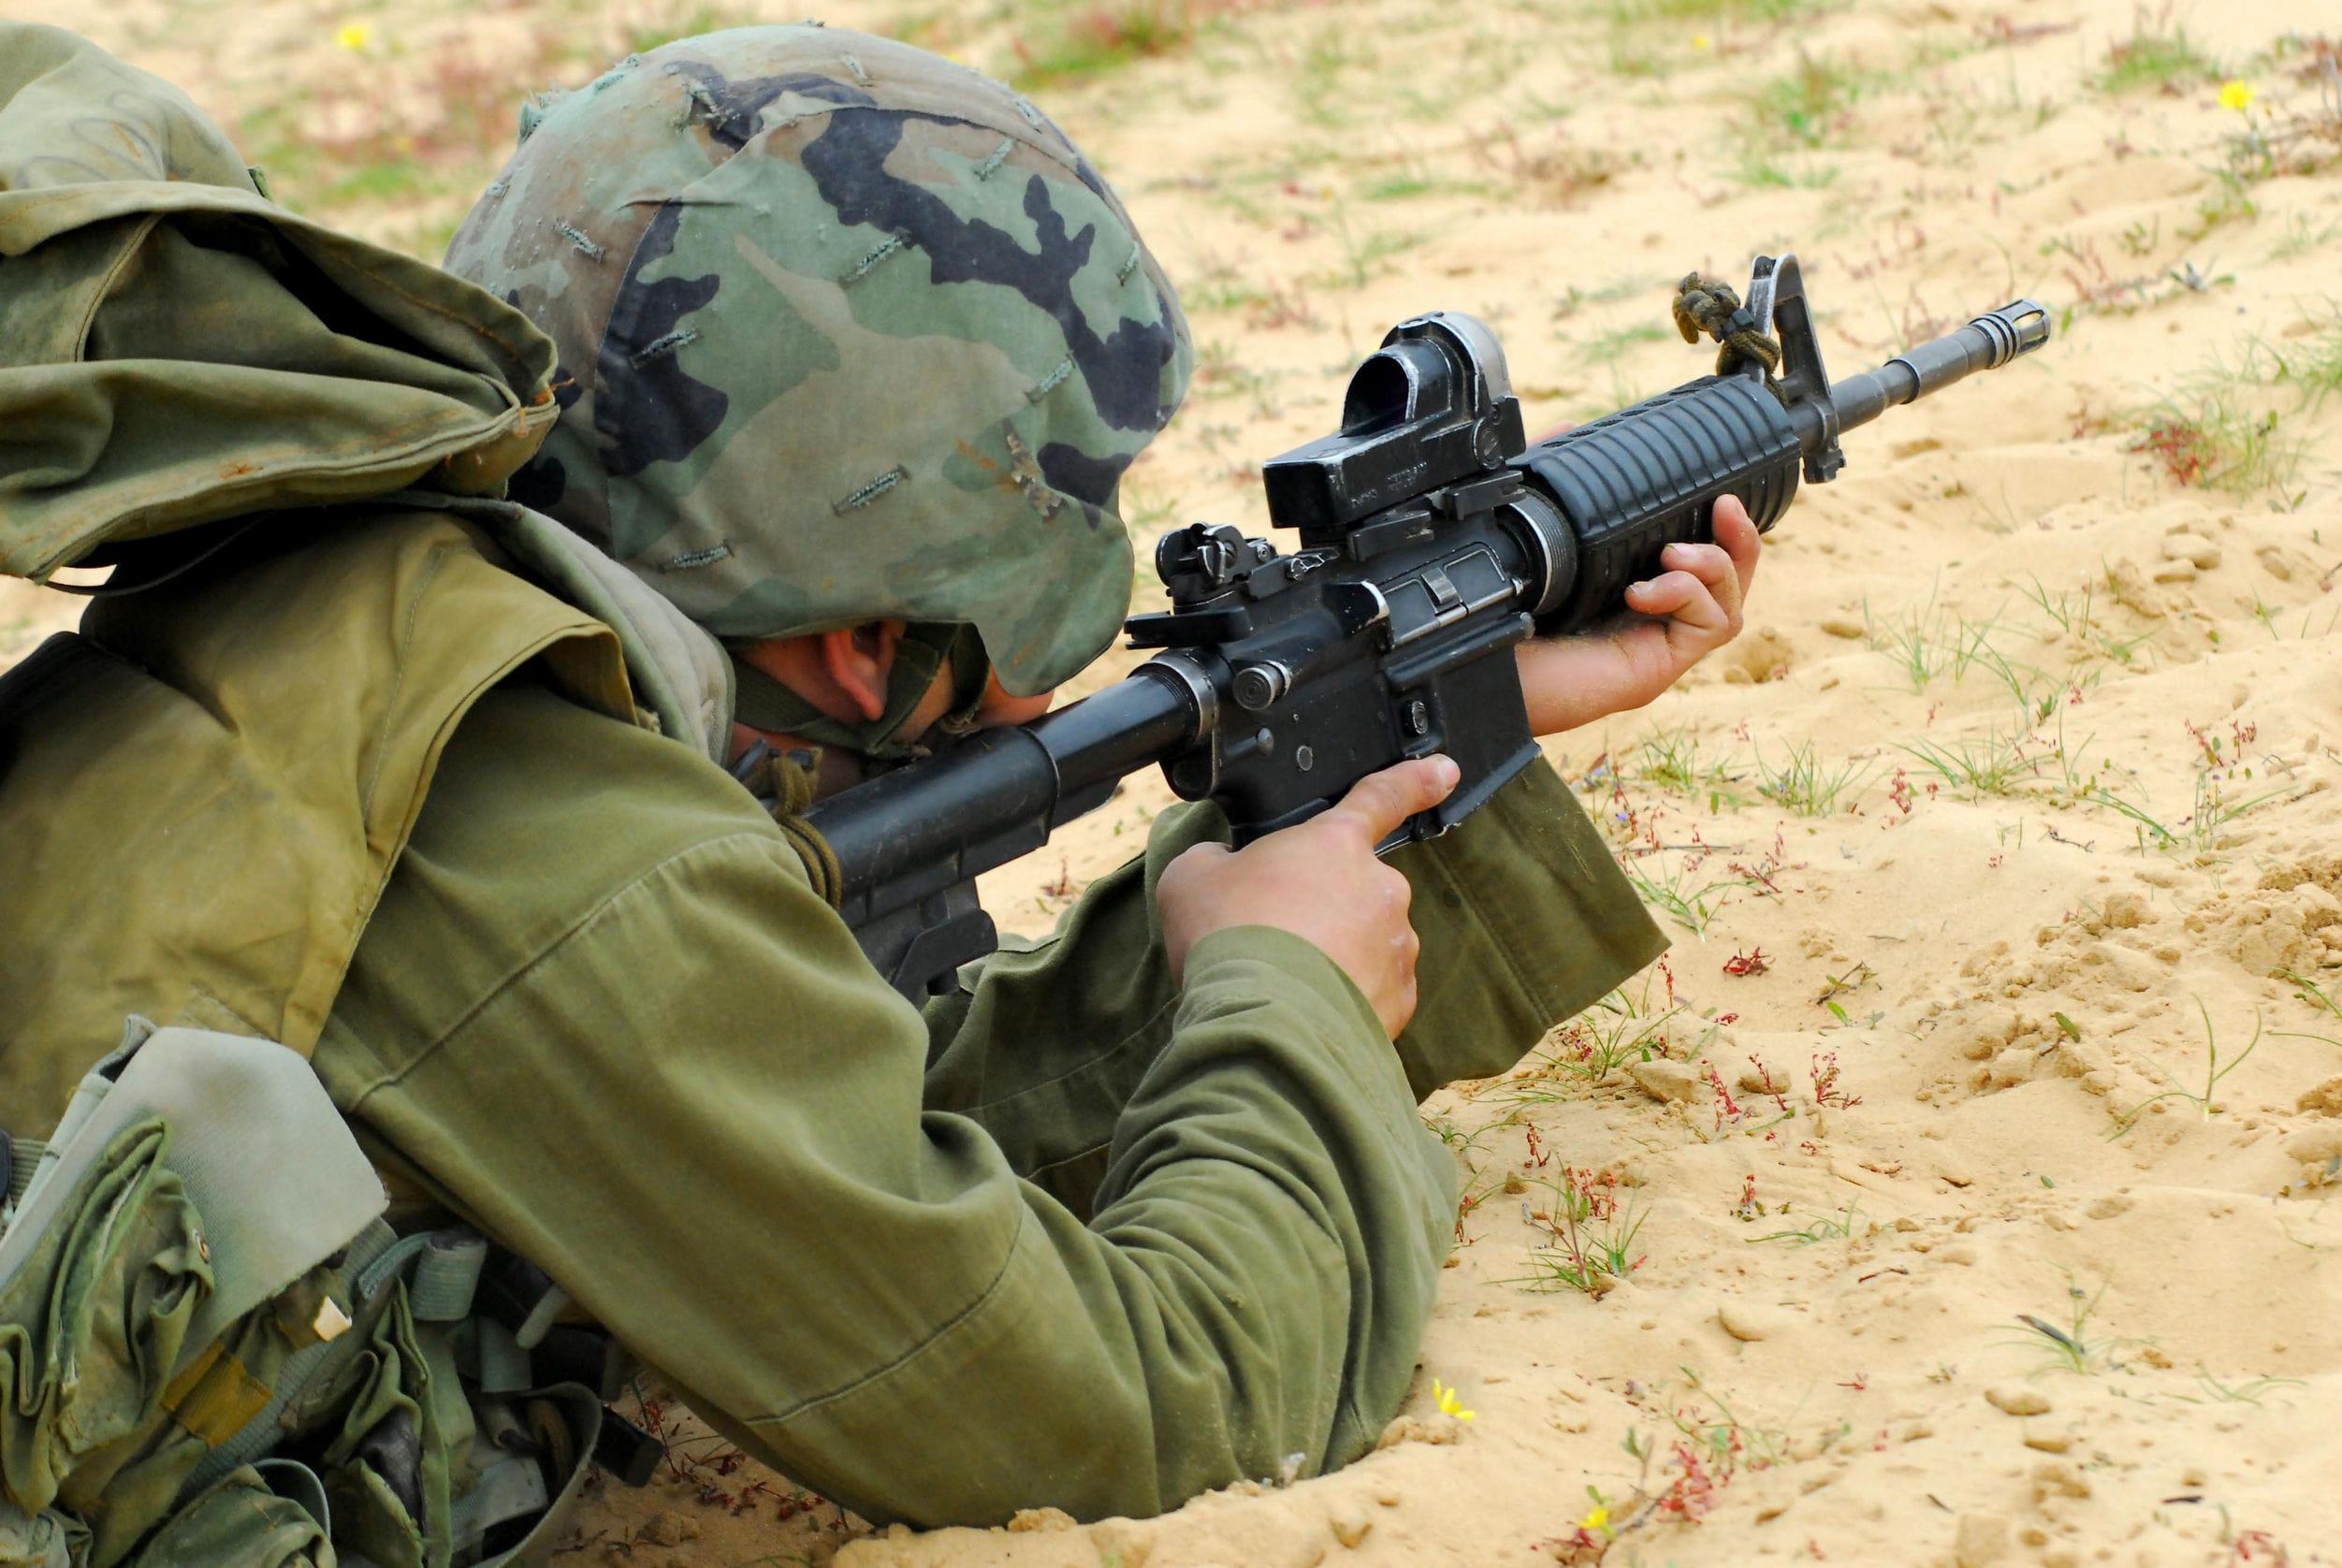 עבירות המתה בצבא: כל מה שחייל צריך לדעת